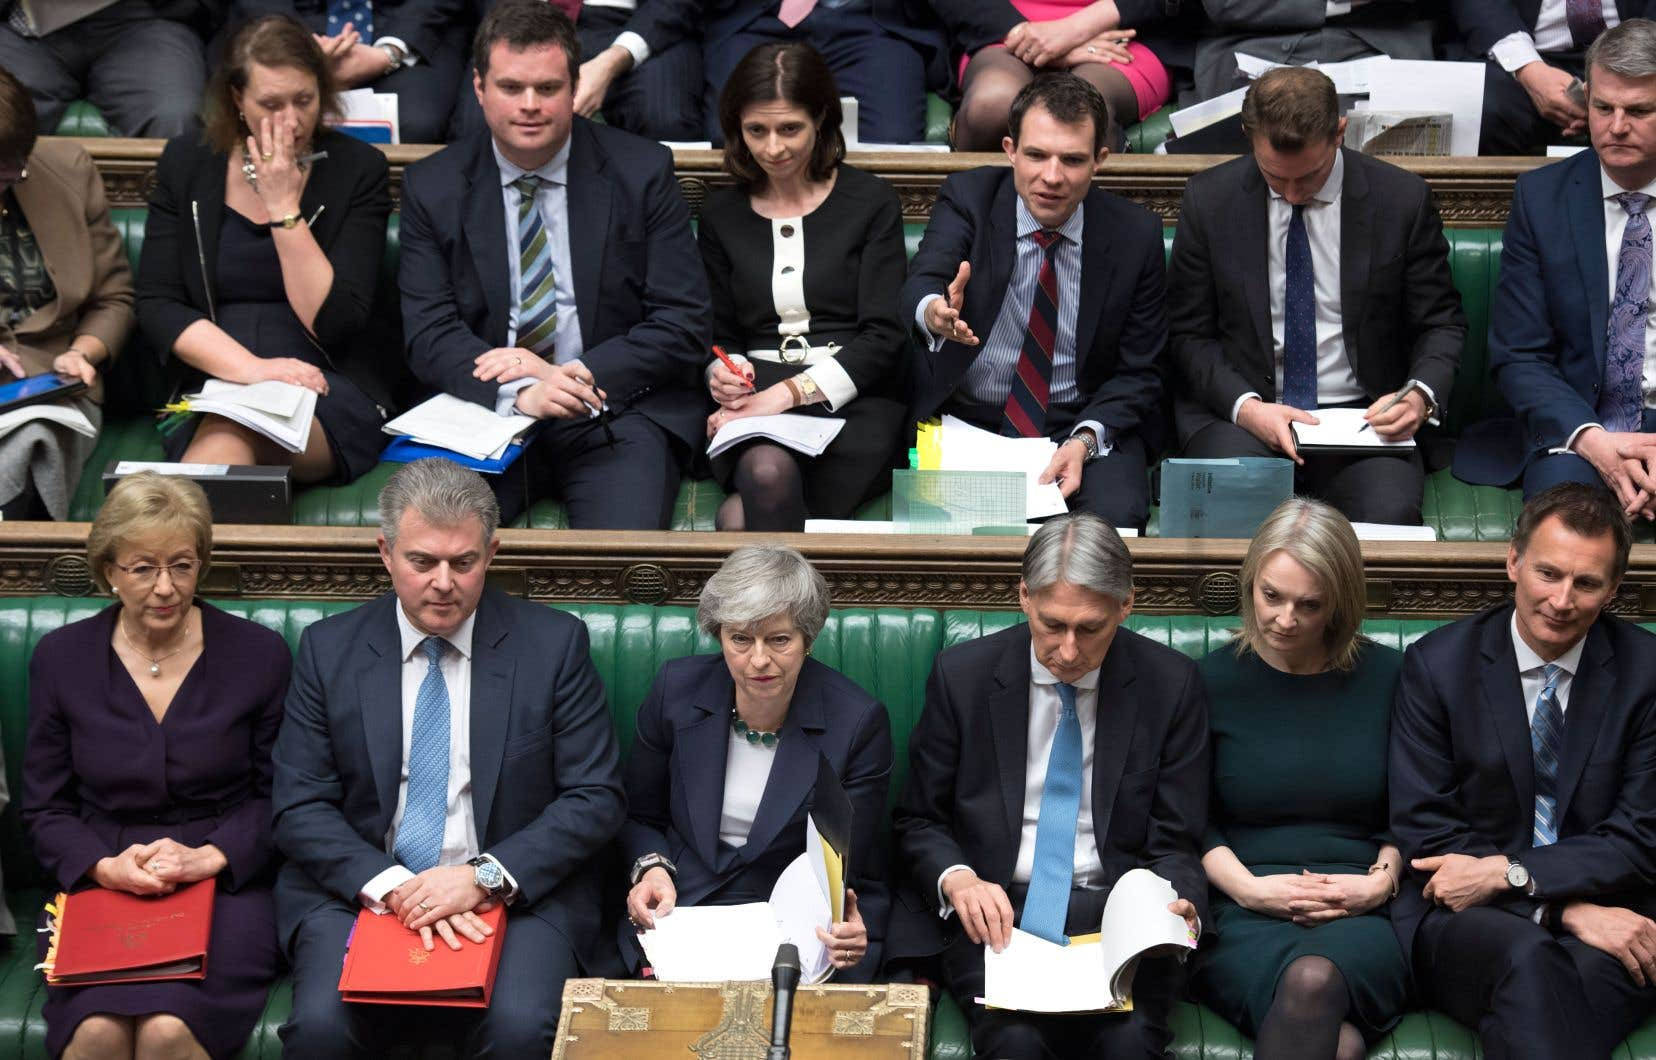 Le vote des élus britanniques faisait suite à leur deuxième refus, mardi, de l'accord négocié par Theresa May pour un Brexit qui maintient le pays dans la plus grande incertitude.